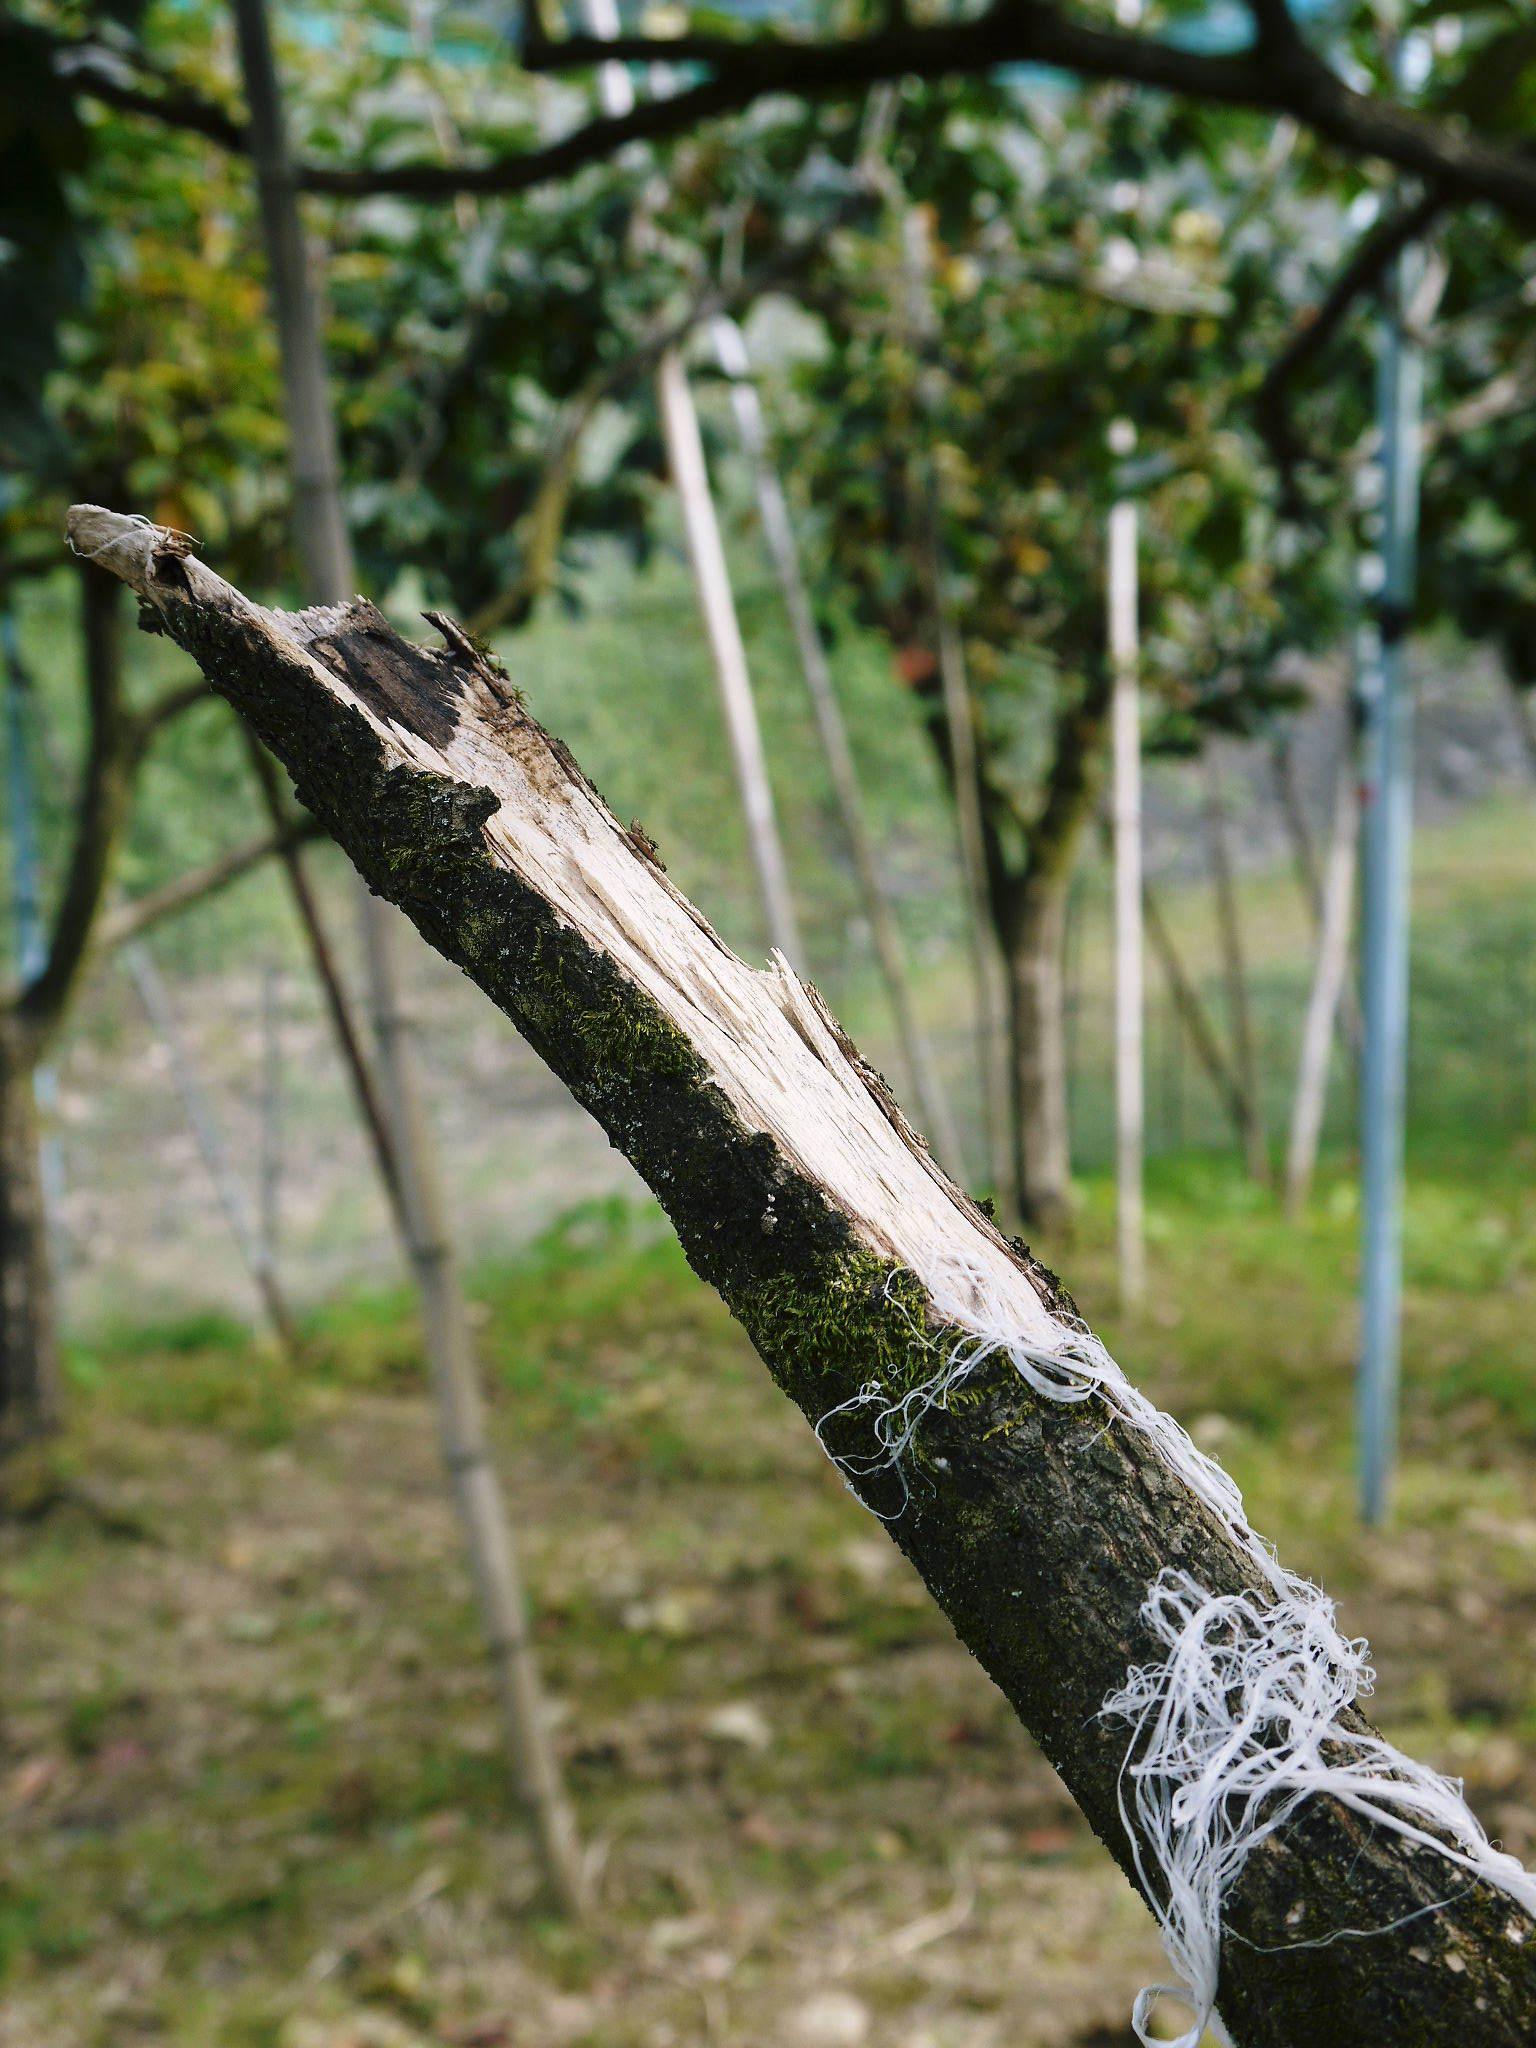 太秋柿 令和2年度の古川果樹園さんの『太秋柿』は収穫できた分だけの出荷で正式販売は中止となりました_a0254656_18414726.jpg